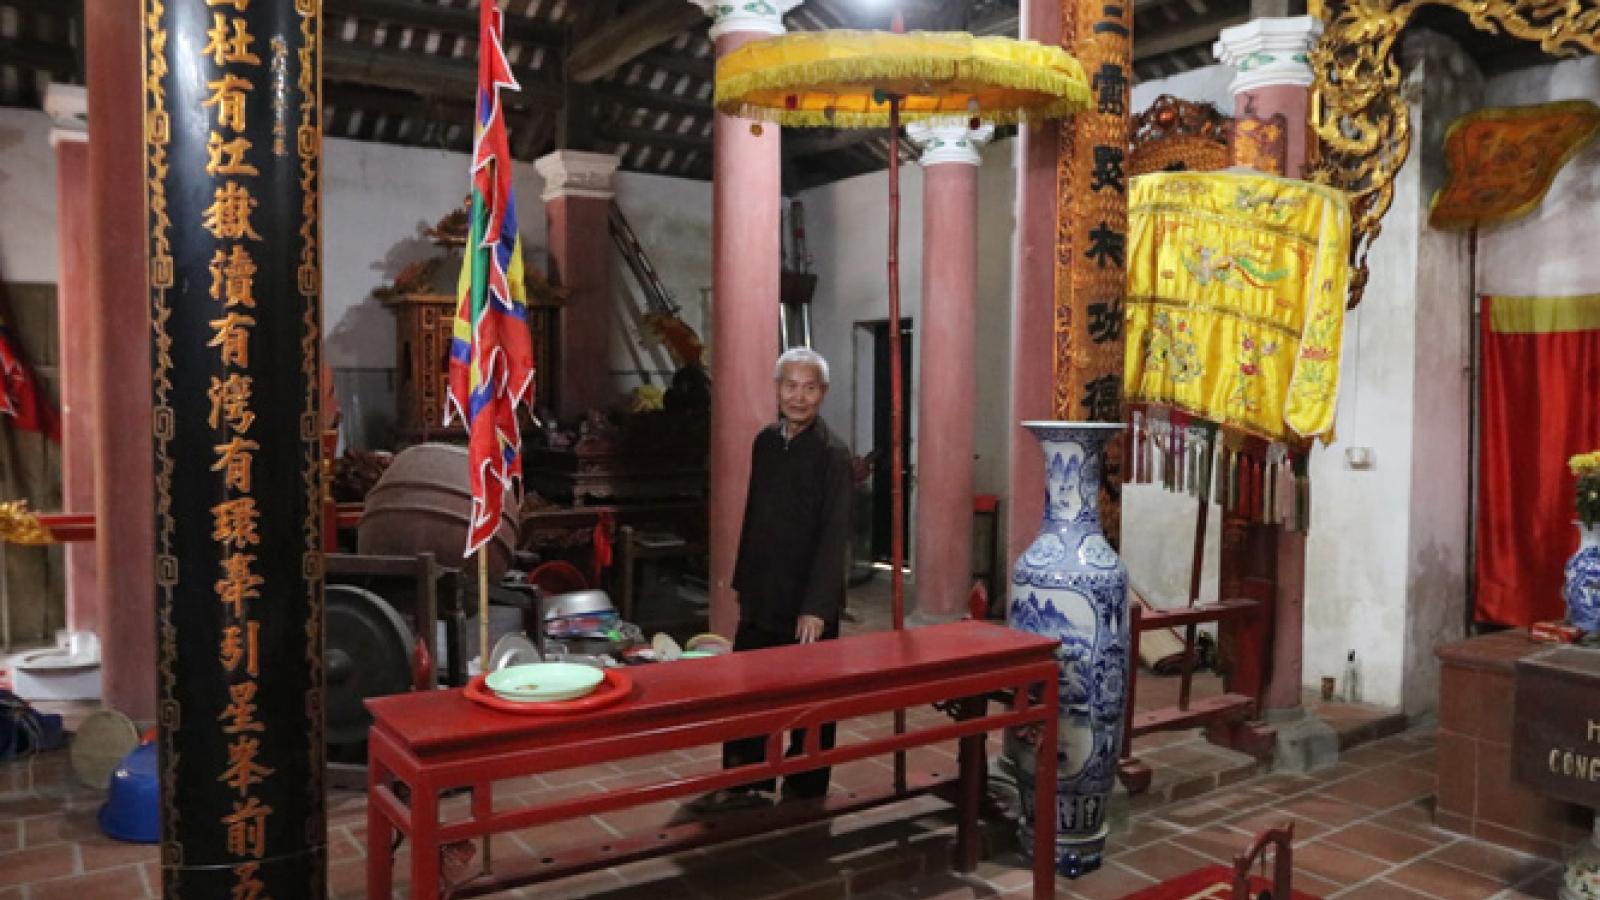 Bảo vệ di tích khỏi tình trạng mất cắp hiện vật ở Hà Nội